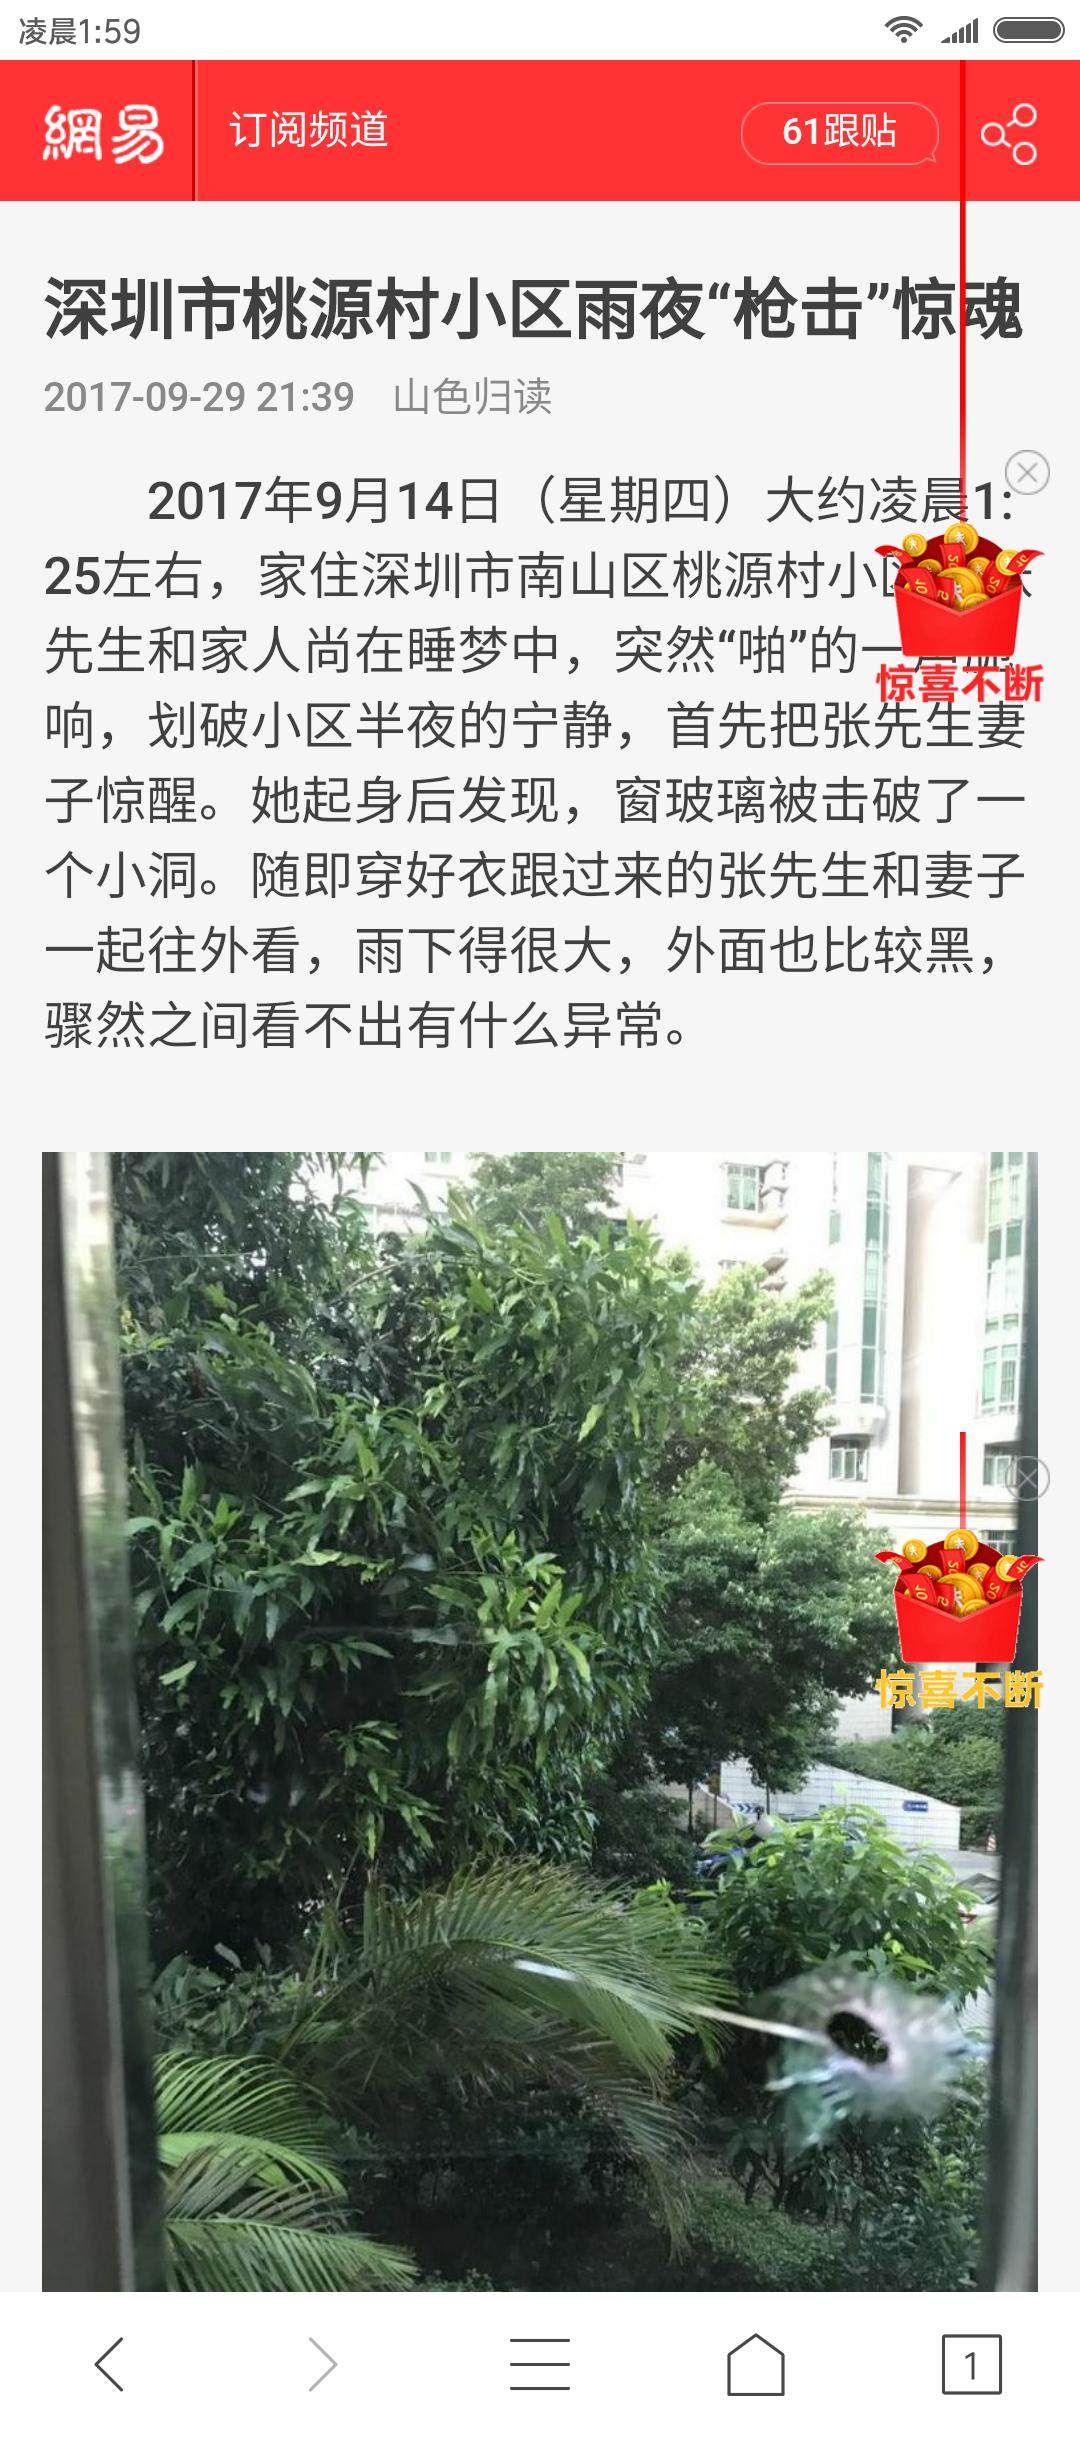 Screenshot_2018-07-25-01-59-46-918_com.ijinshan.browser_fast.png